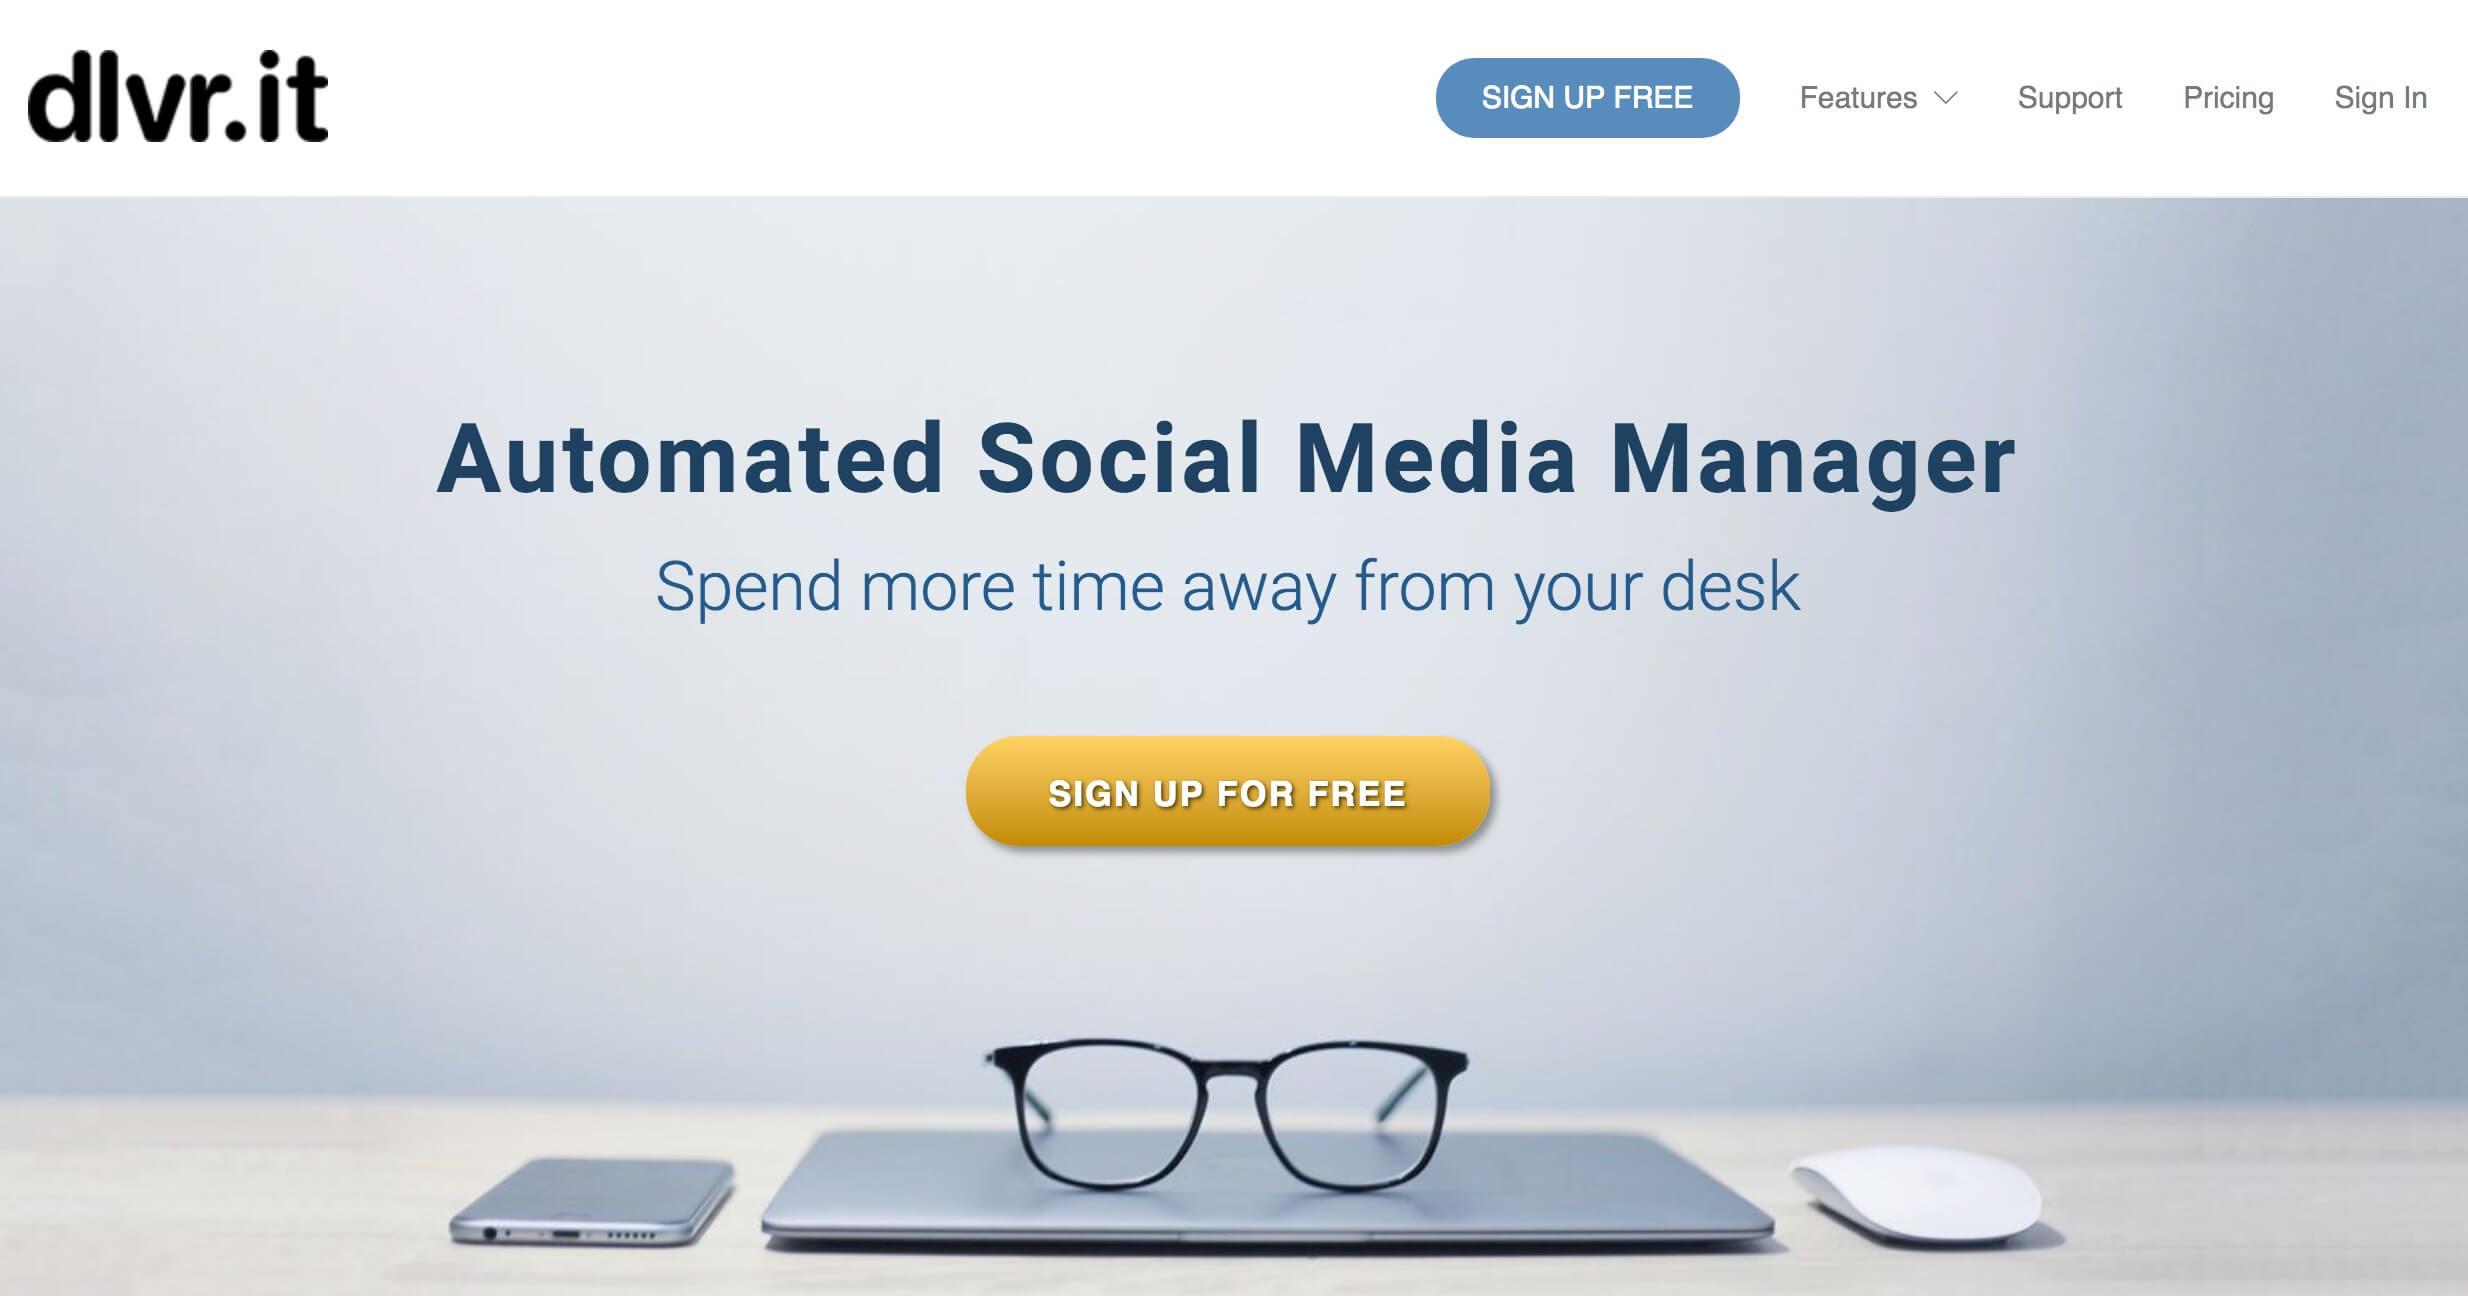 dlvrit Redes sociales, los mejores horarios para publicar y cómo ser más eficiente